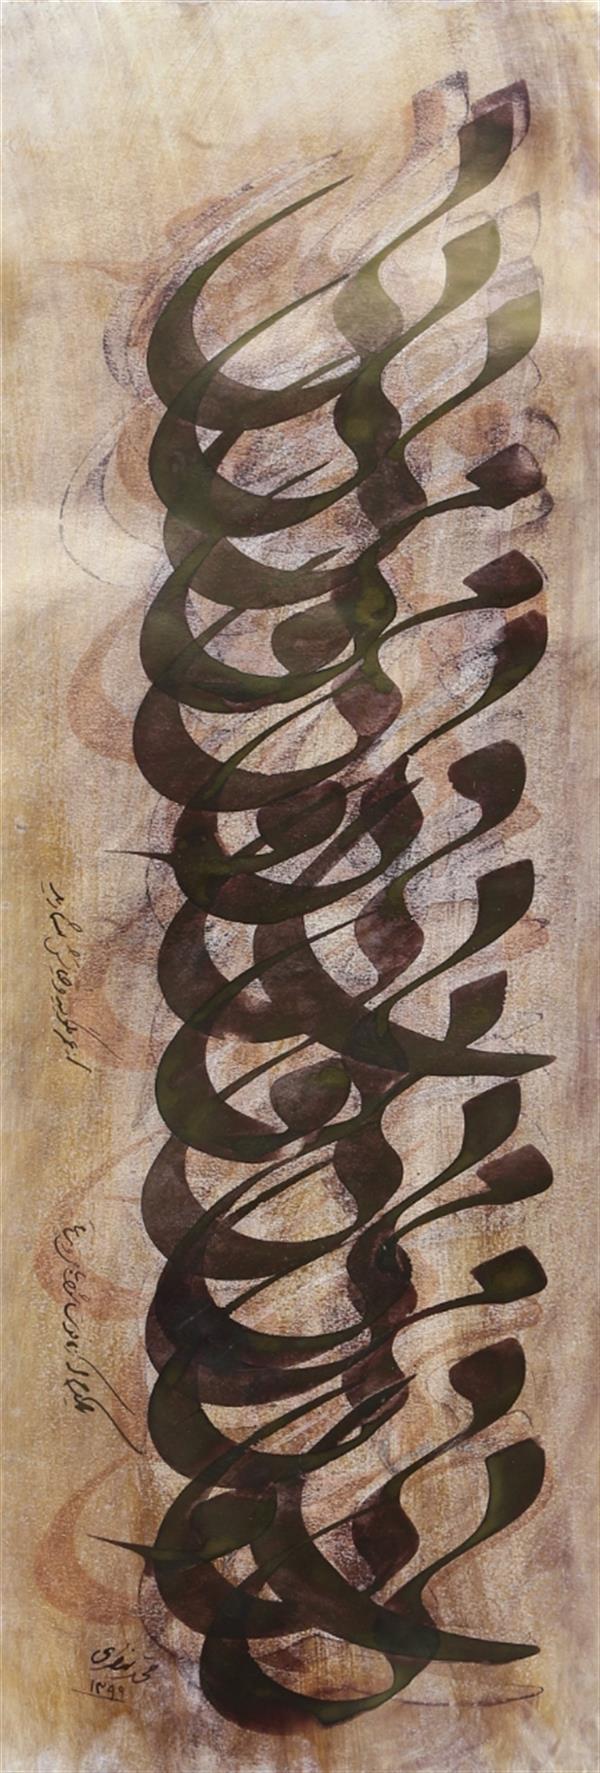 هنر خوشنویسی محفل خوشنویسی محمد مظهری یکدم که زما فوت شود بی می و ساقی، از عمر مگویید و حیاتش مشمارید... (۲۵×۷۰) قلم ۲.۵ سانت